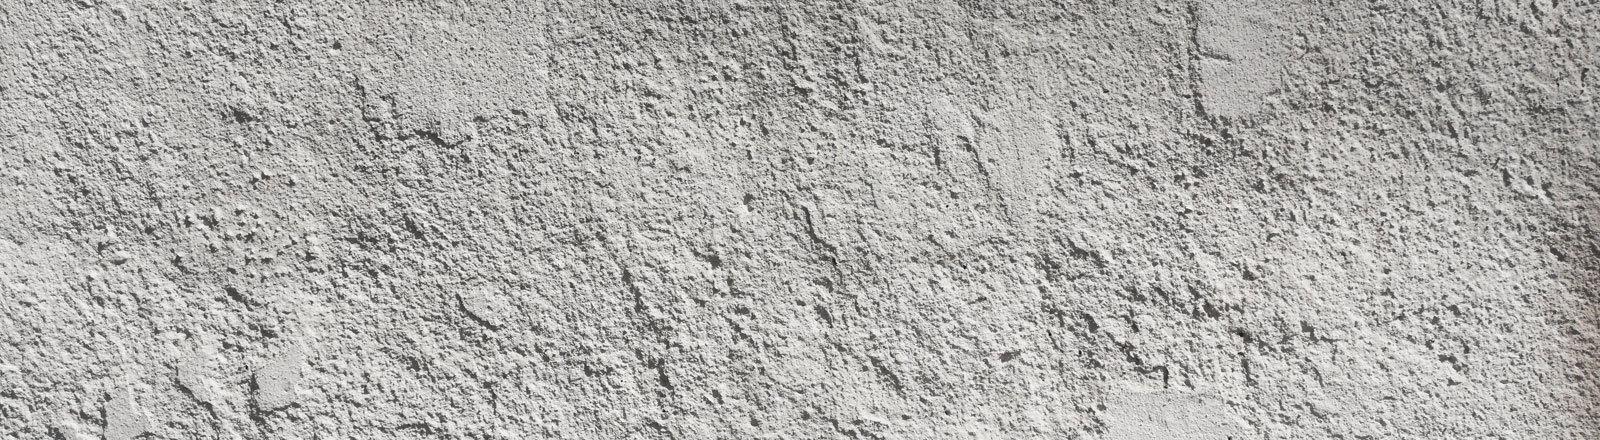 Eine mit Gips verputzte Wand.